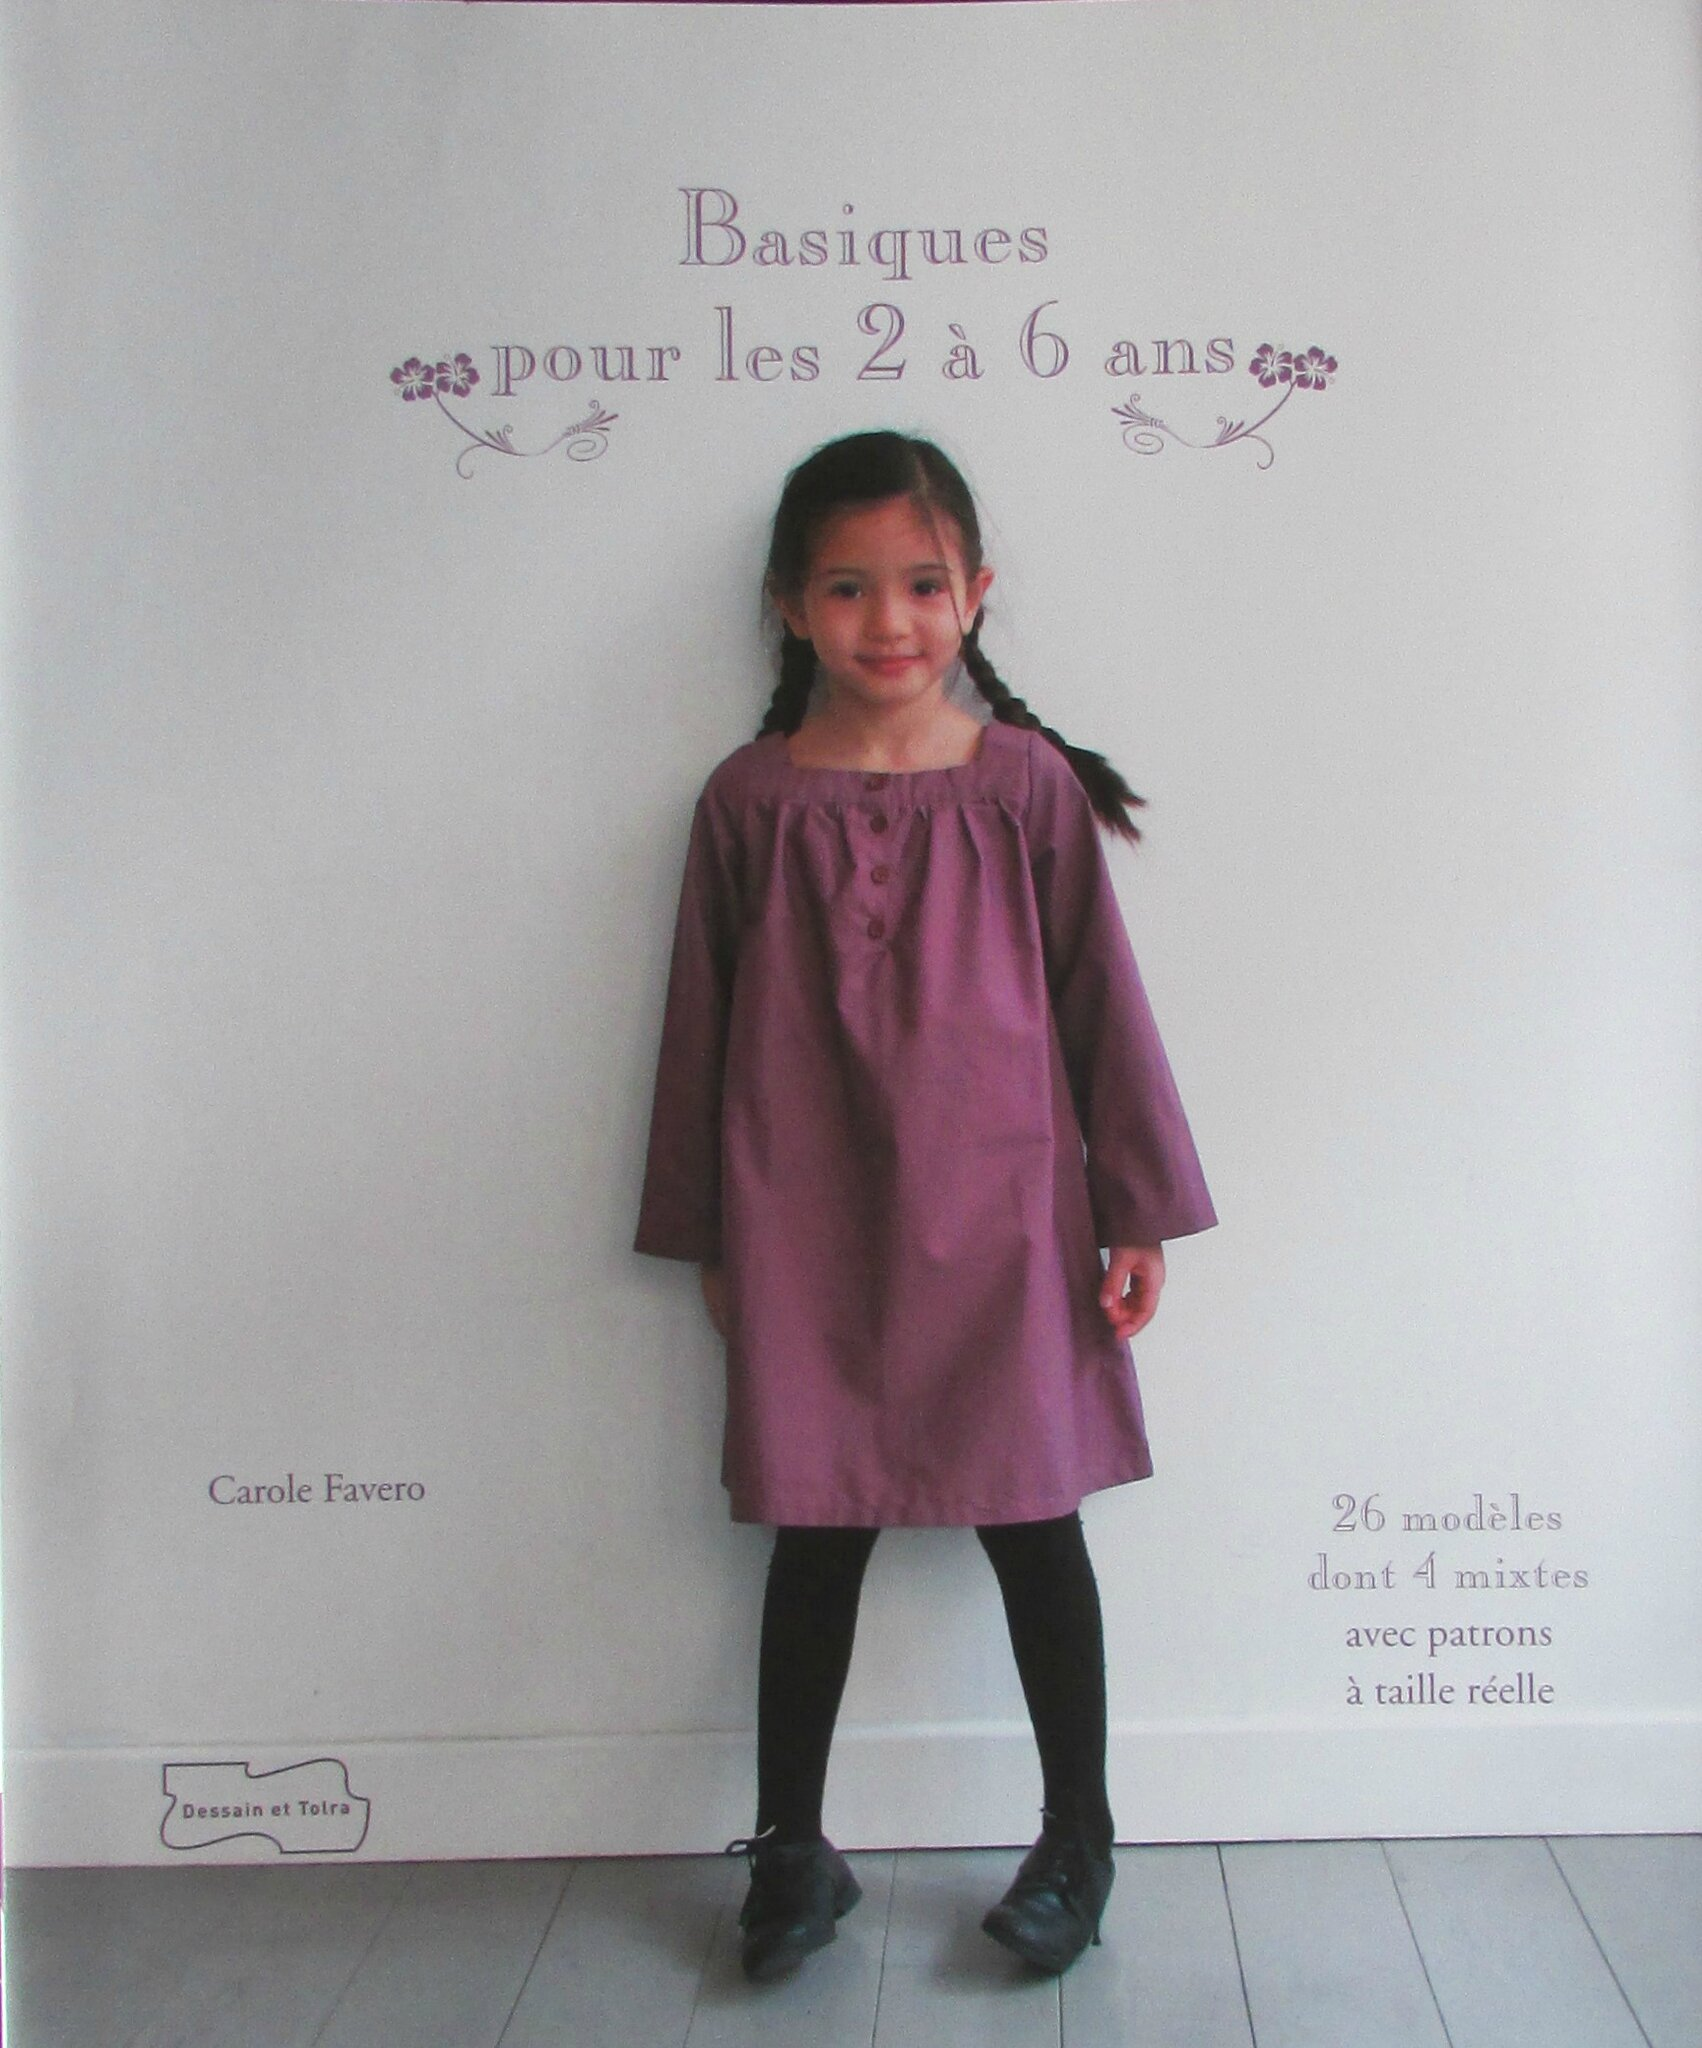 Fiche de lecture : Basiques pour les 2 à 6 ans, Carole Favero.